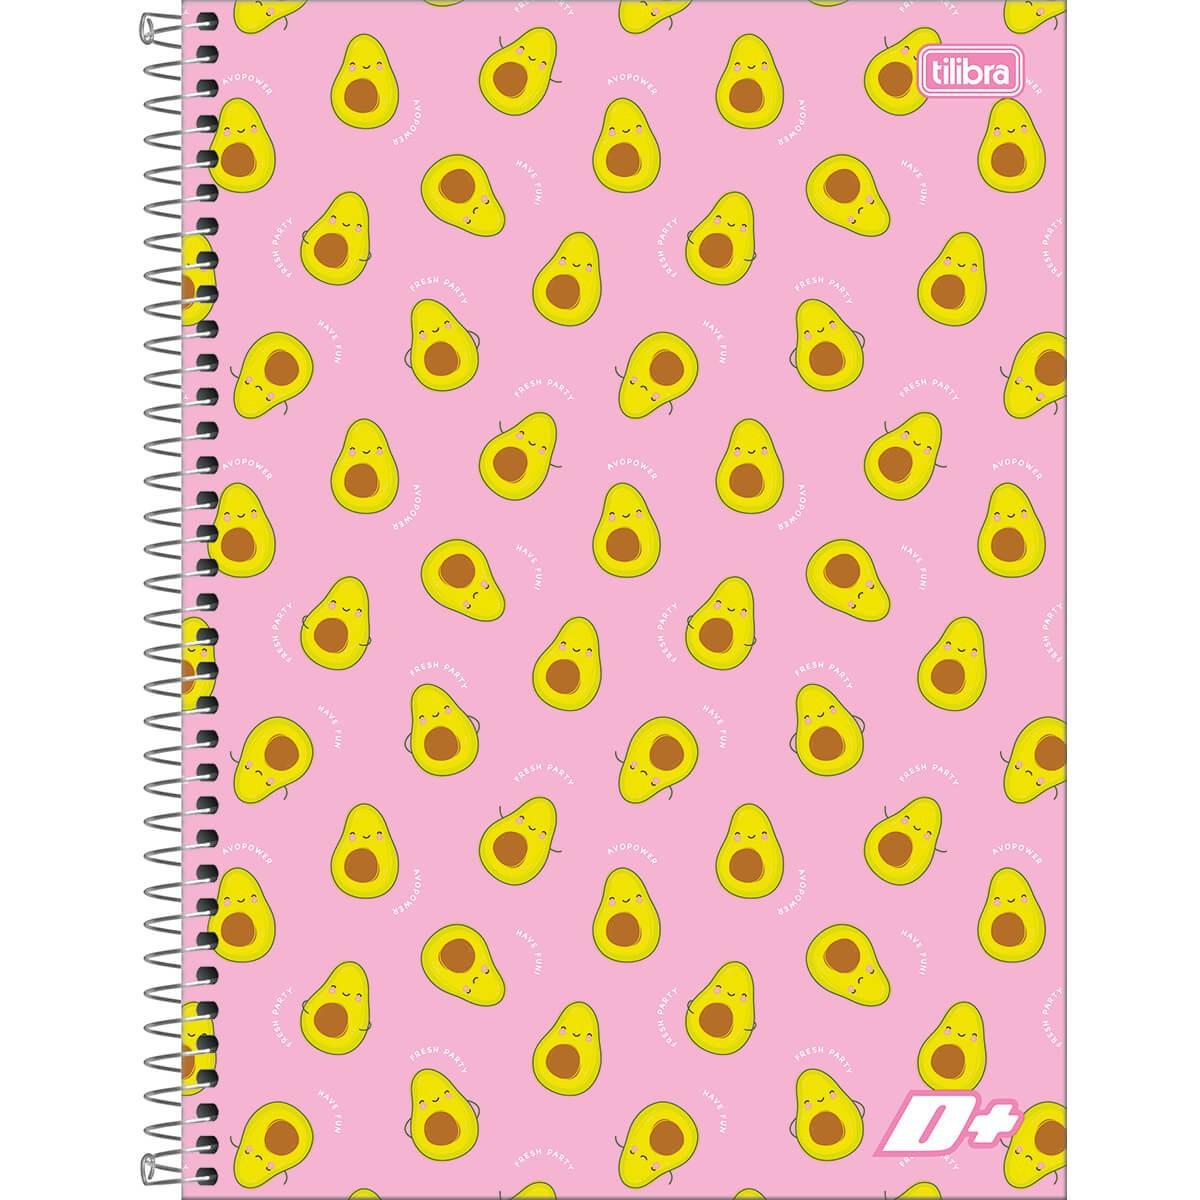 Caderno Espiral Capa Dura Universitário 10 Matérias D+ Feminino 200 Folhas (Pacote 4 unidades) - Sortido